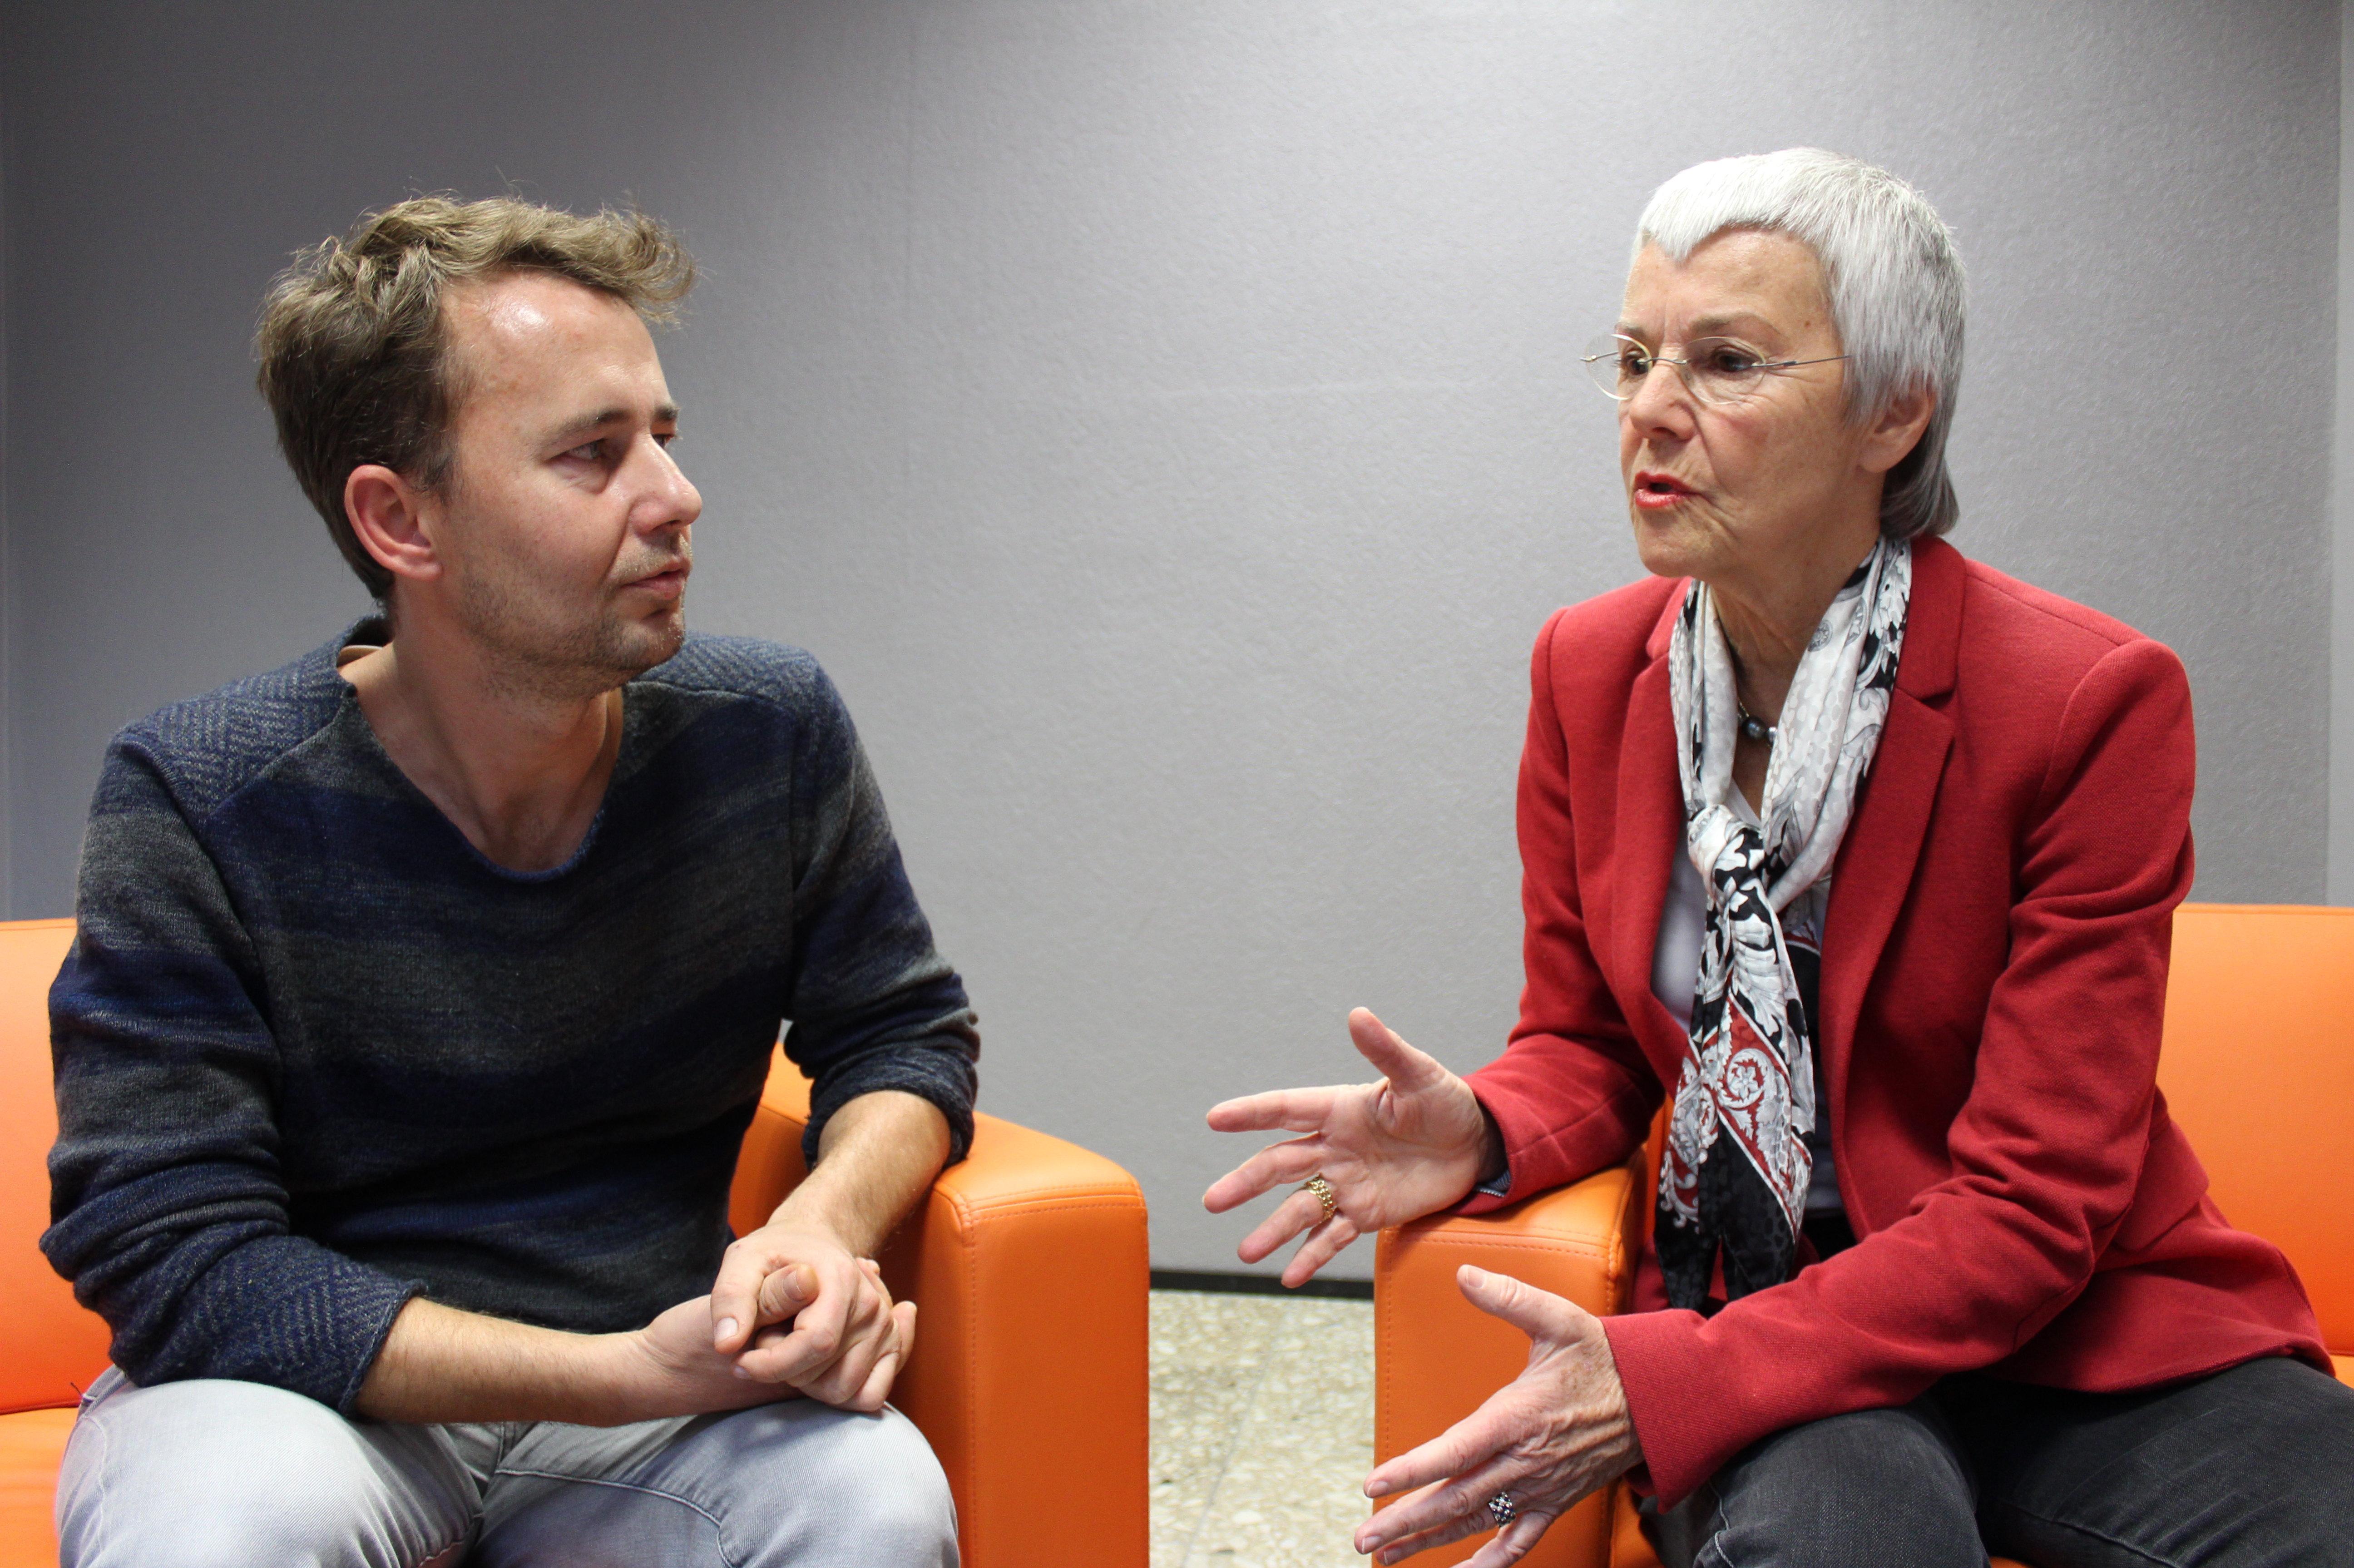 Sputnik editor Armin Siebert in conversation with Gabriele Krone-Schmalz